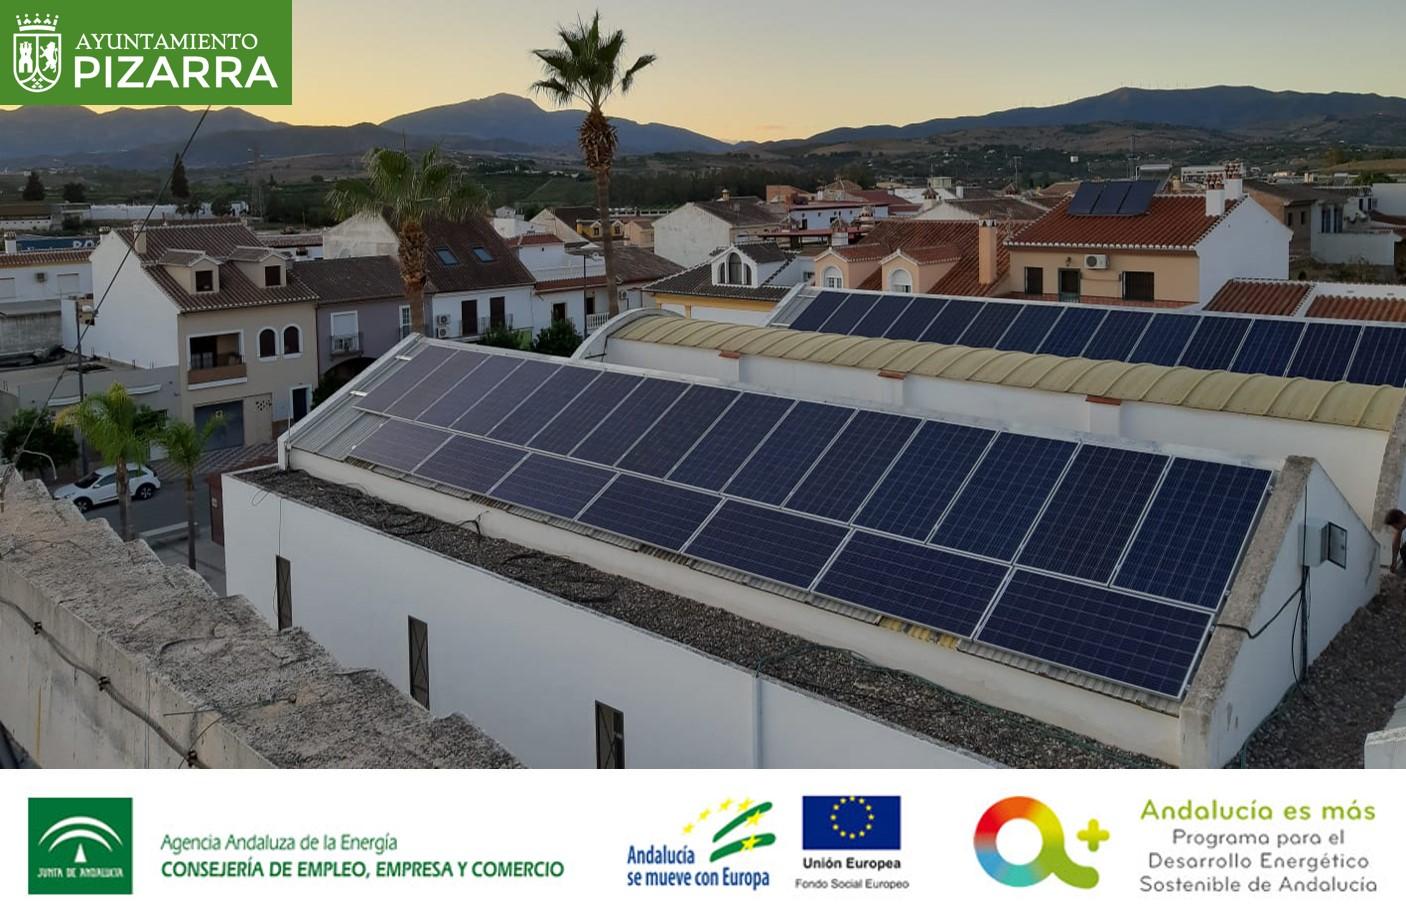 Subvención instalaciones de energía solar fotovoltaica para el Ayuntamiento de Pizarra